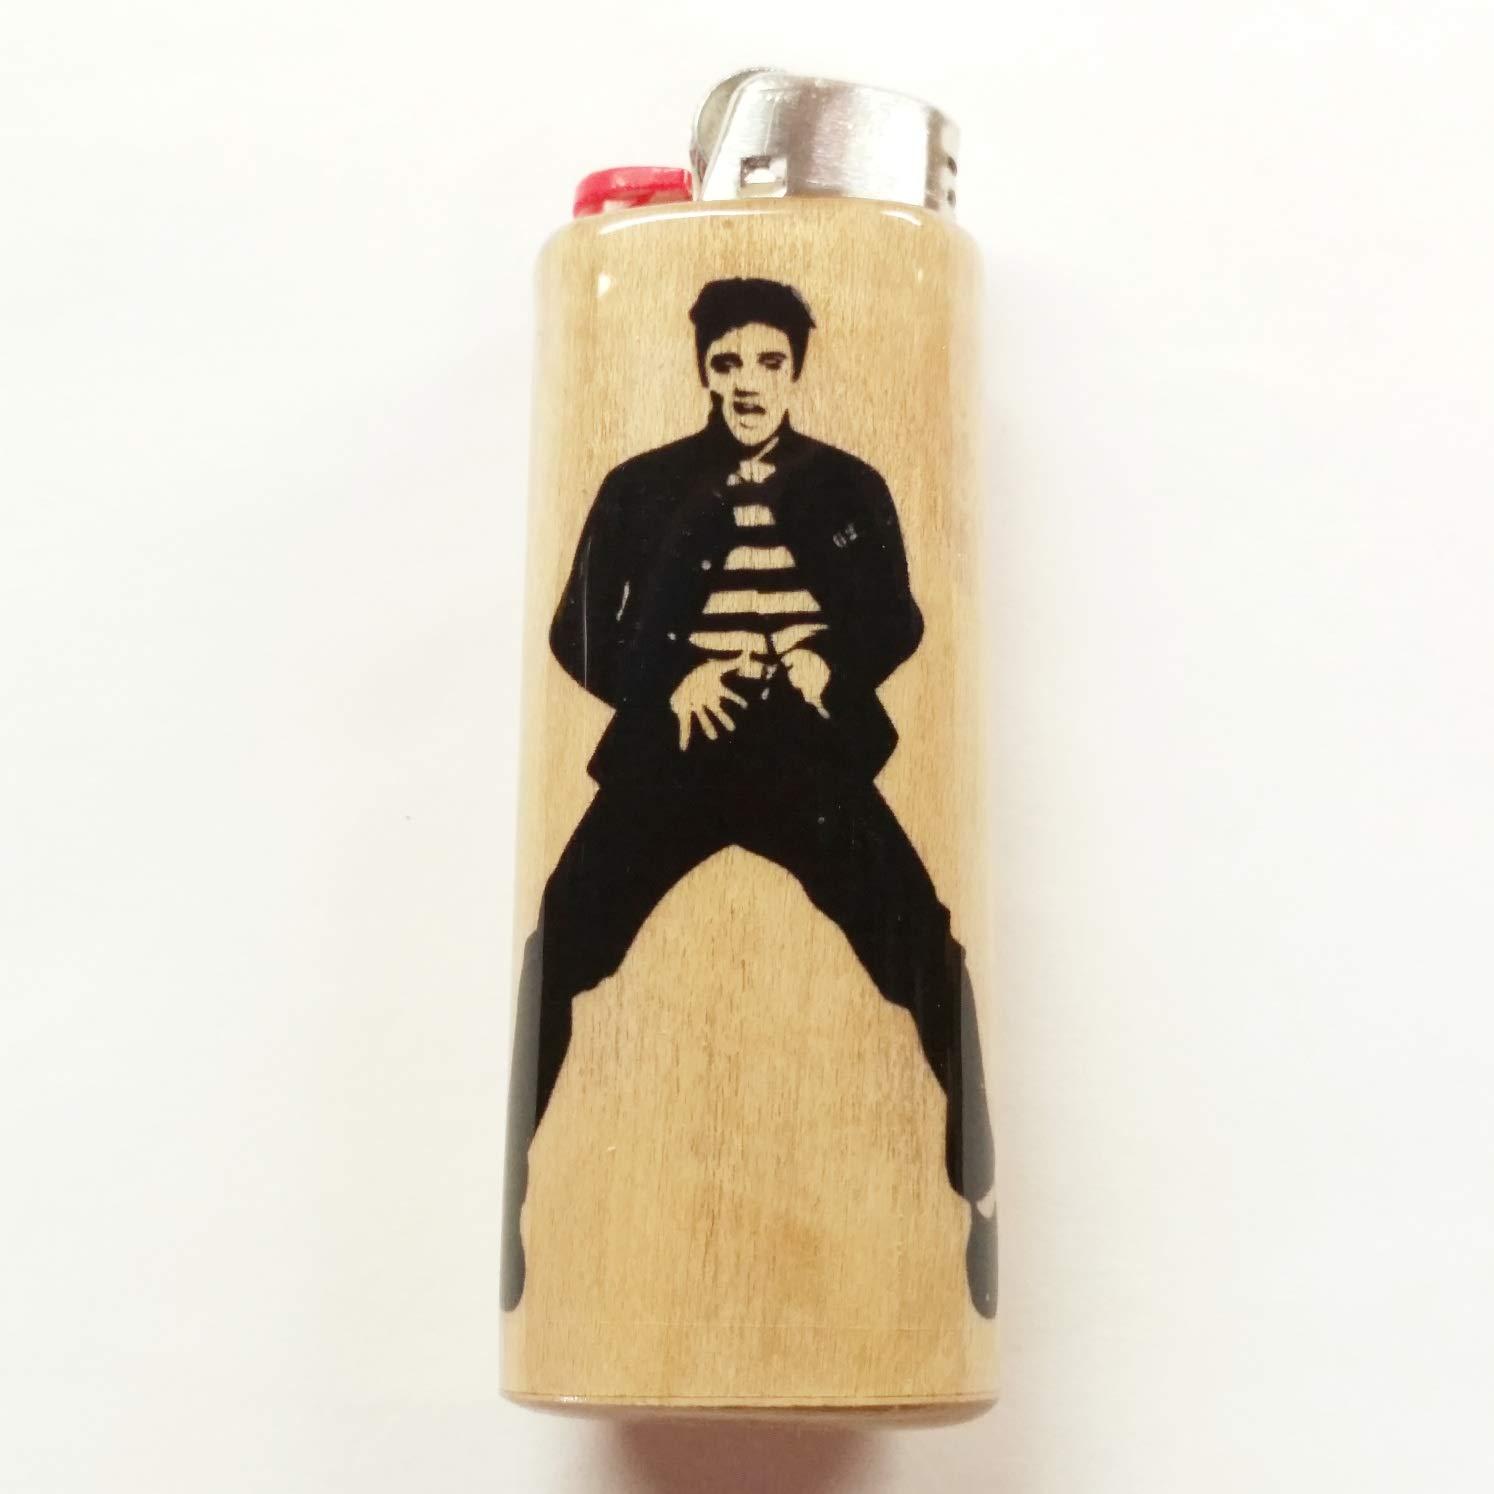 Elvis Presley Lighter Case Holder Sleeve Cover Fits Bic Lighters by Wood Lighter Cases, LLC